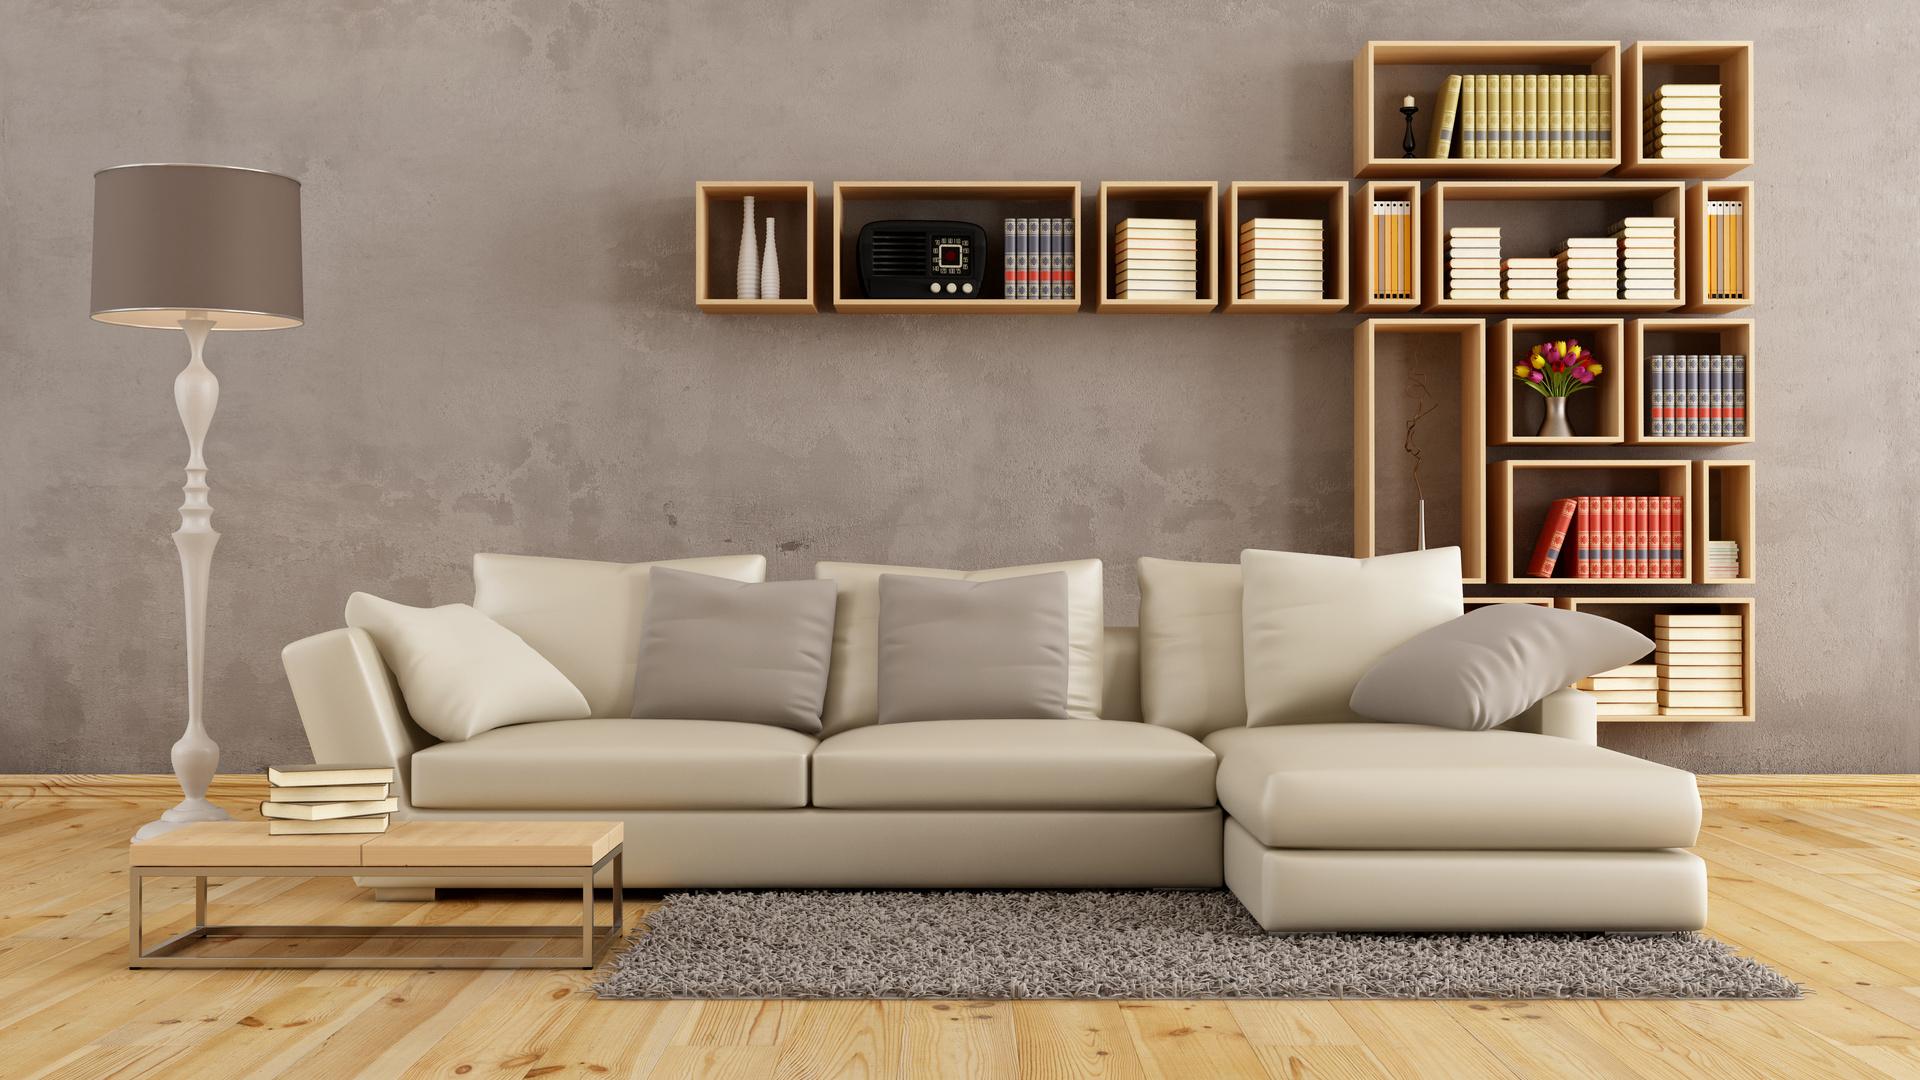 Бежевый диван в интерьере гостиной фото